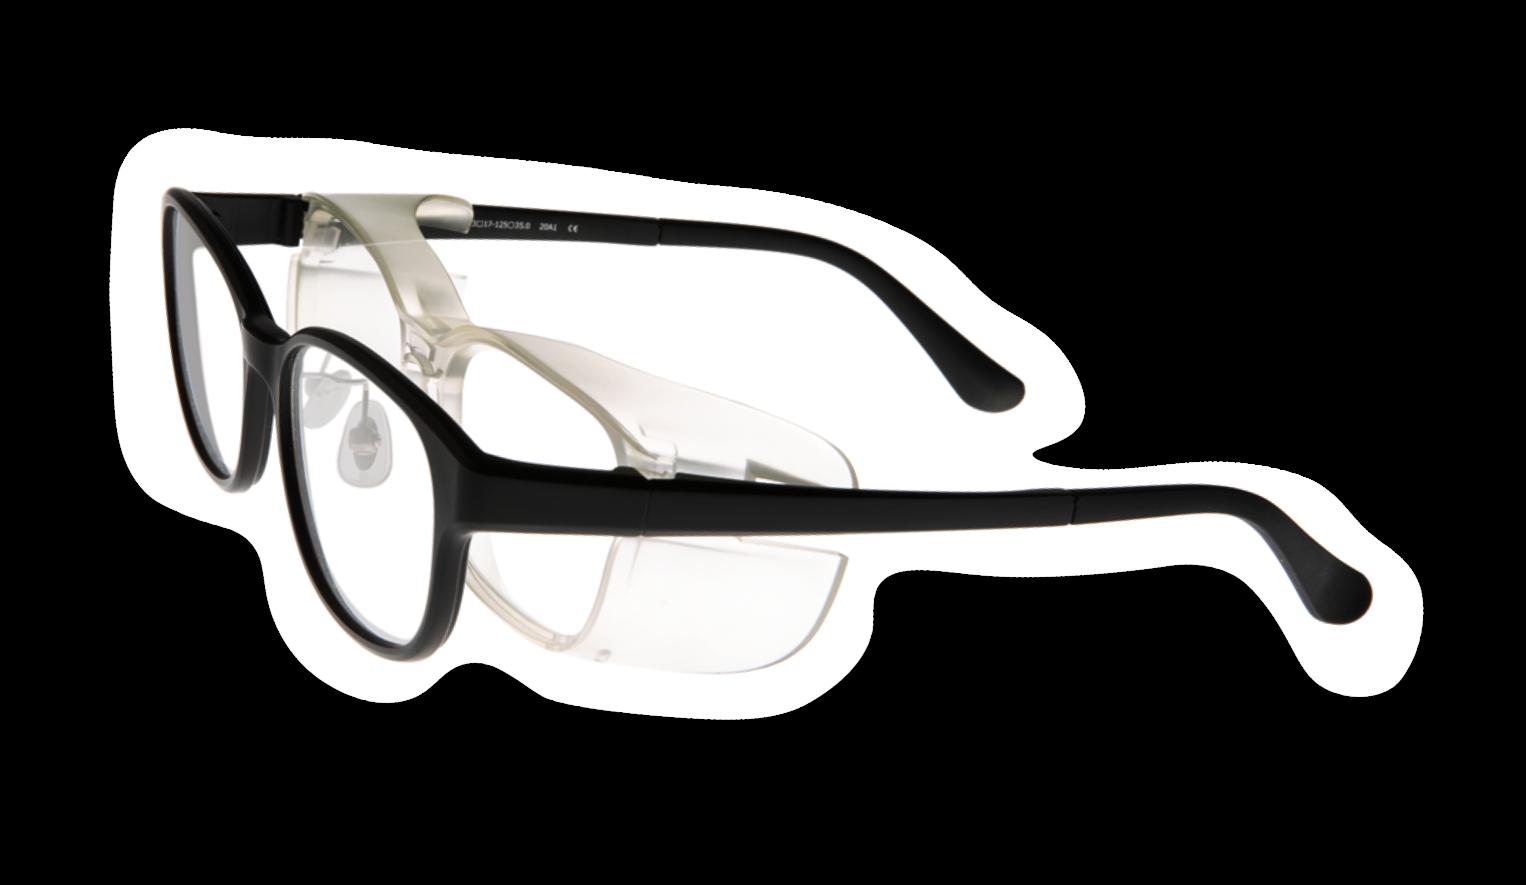 花粉対策メガネ,失敗しない花粉対策メガネ,眼鏡屋比較花粉対策,花粉対策メガネ口コミ,高品質花粉対策メガネ,おしゃれ花粉対策メガネ